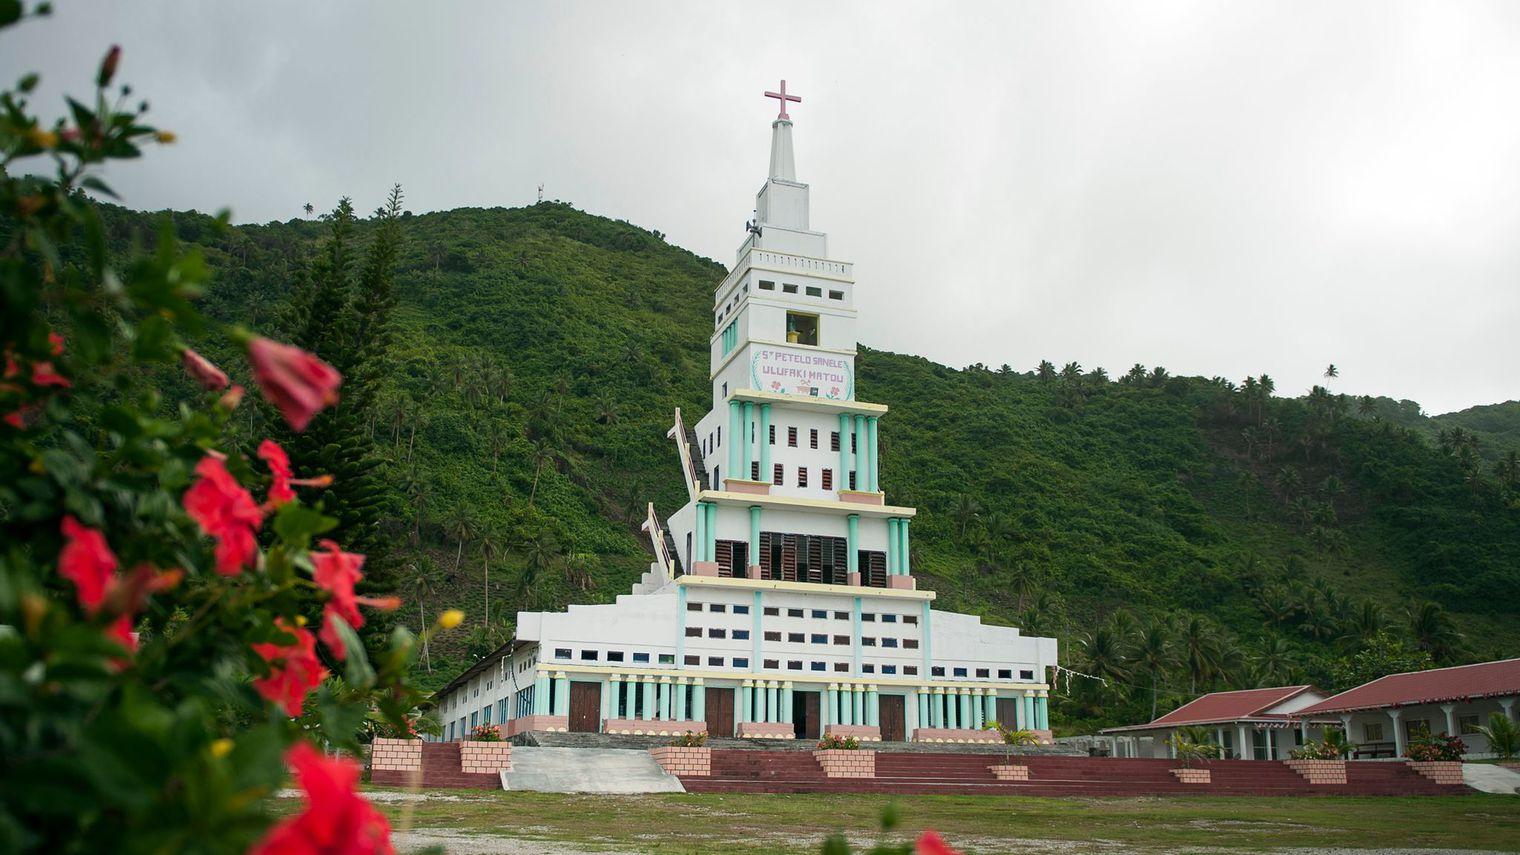 La basilique Saint-Pierre Chanel, sur l'île de Futuna. Un monument esthétiquement discutable, à la gloire du premier martyr catholique de l'Océanie.